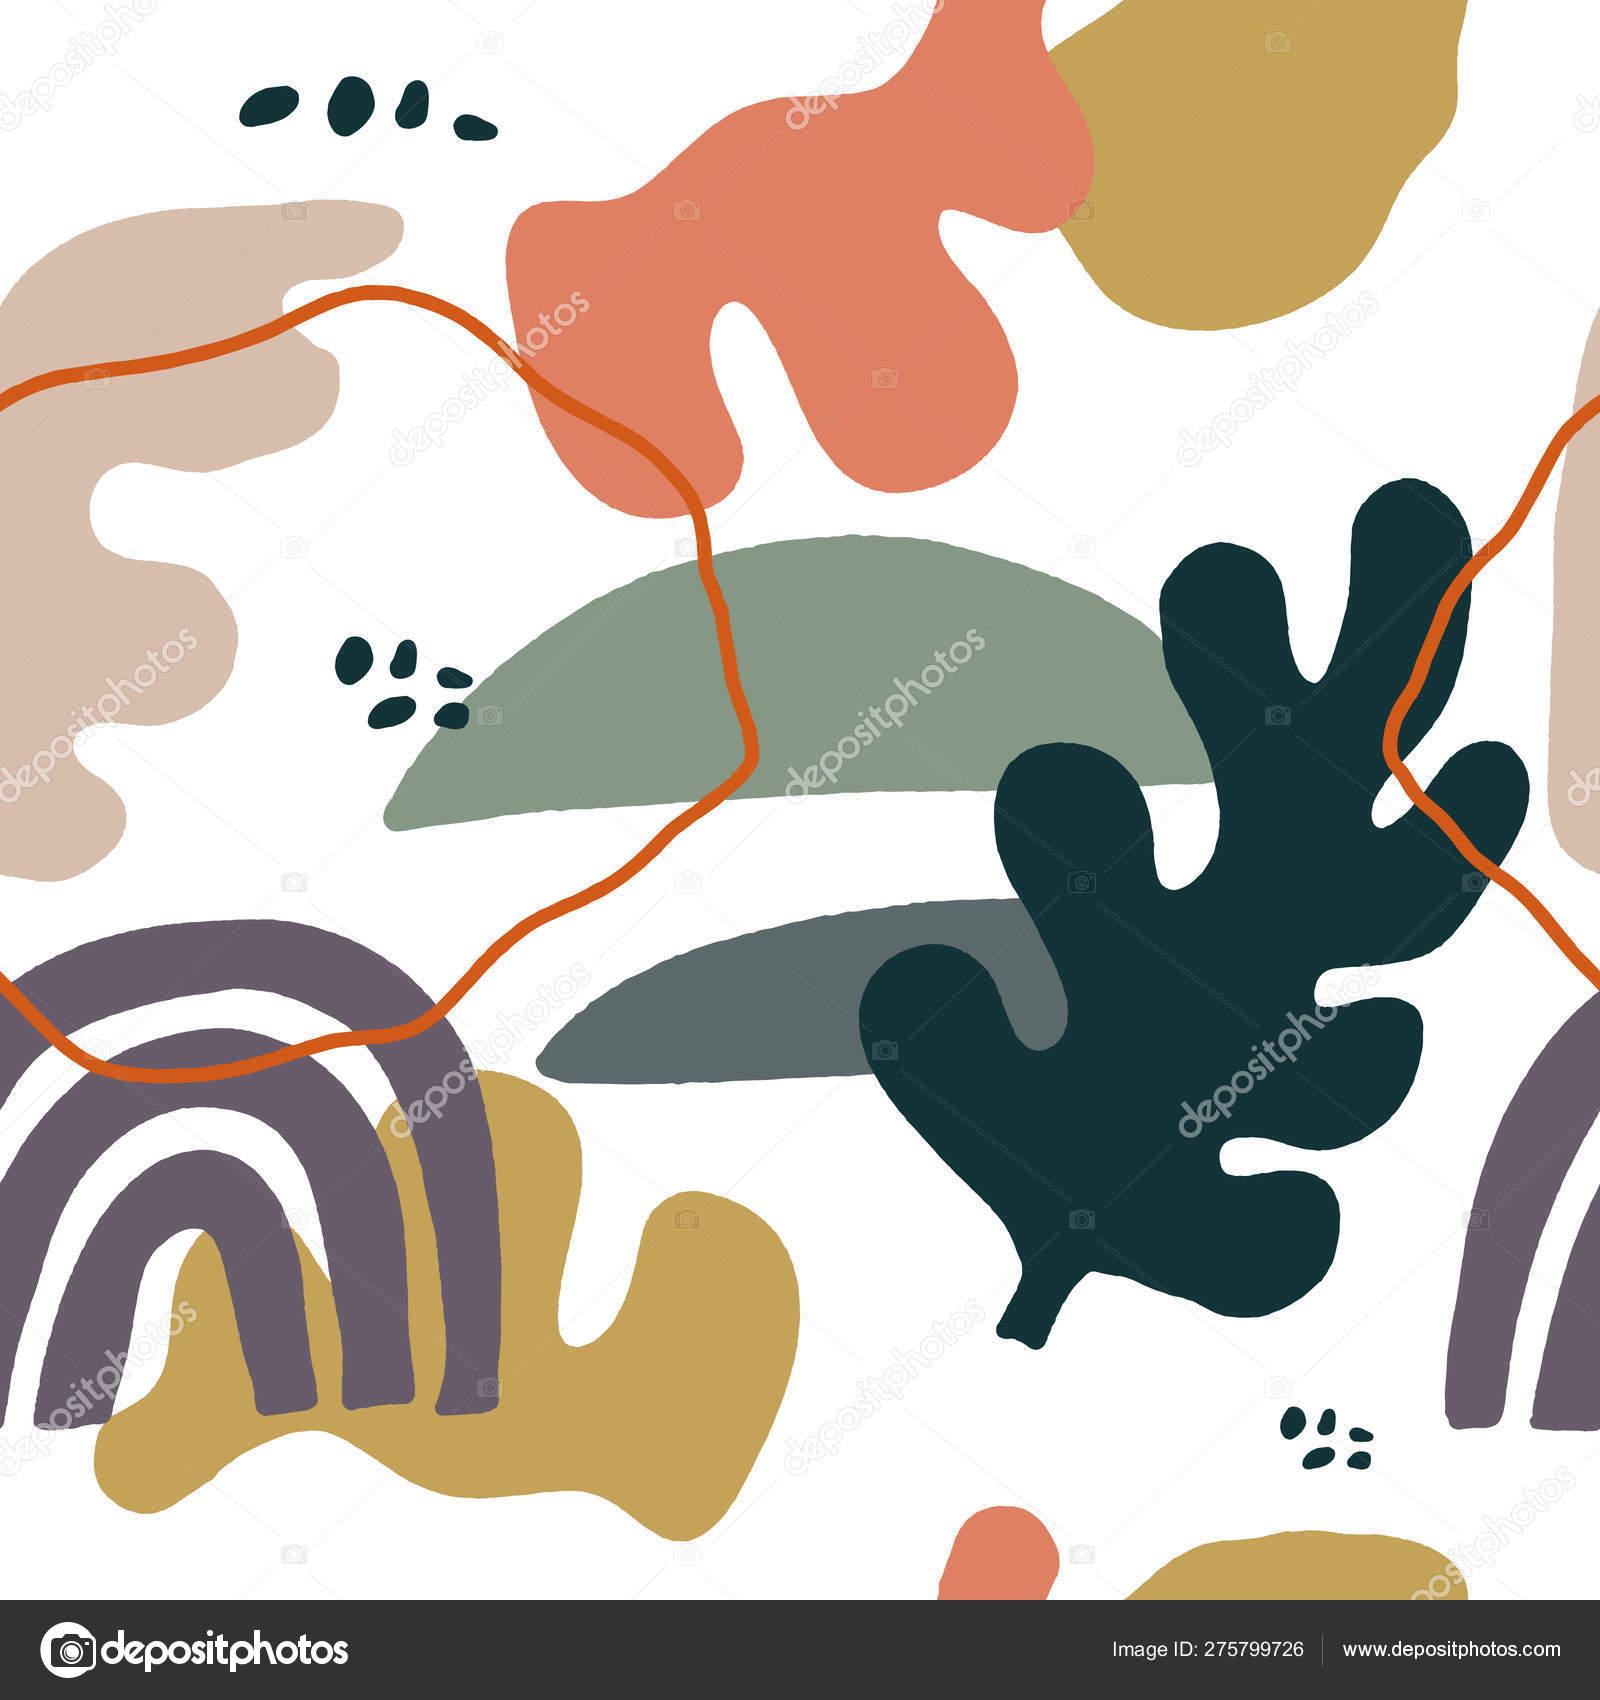 Abstract Shapes Mid Century Modern Wall Art Scandinavian